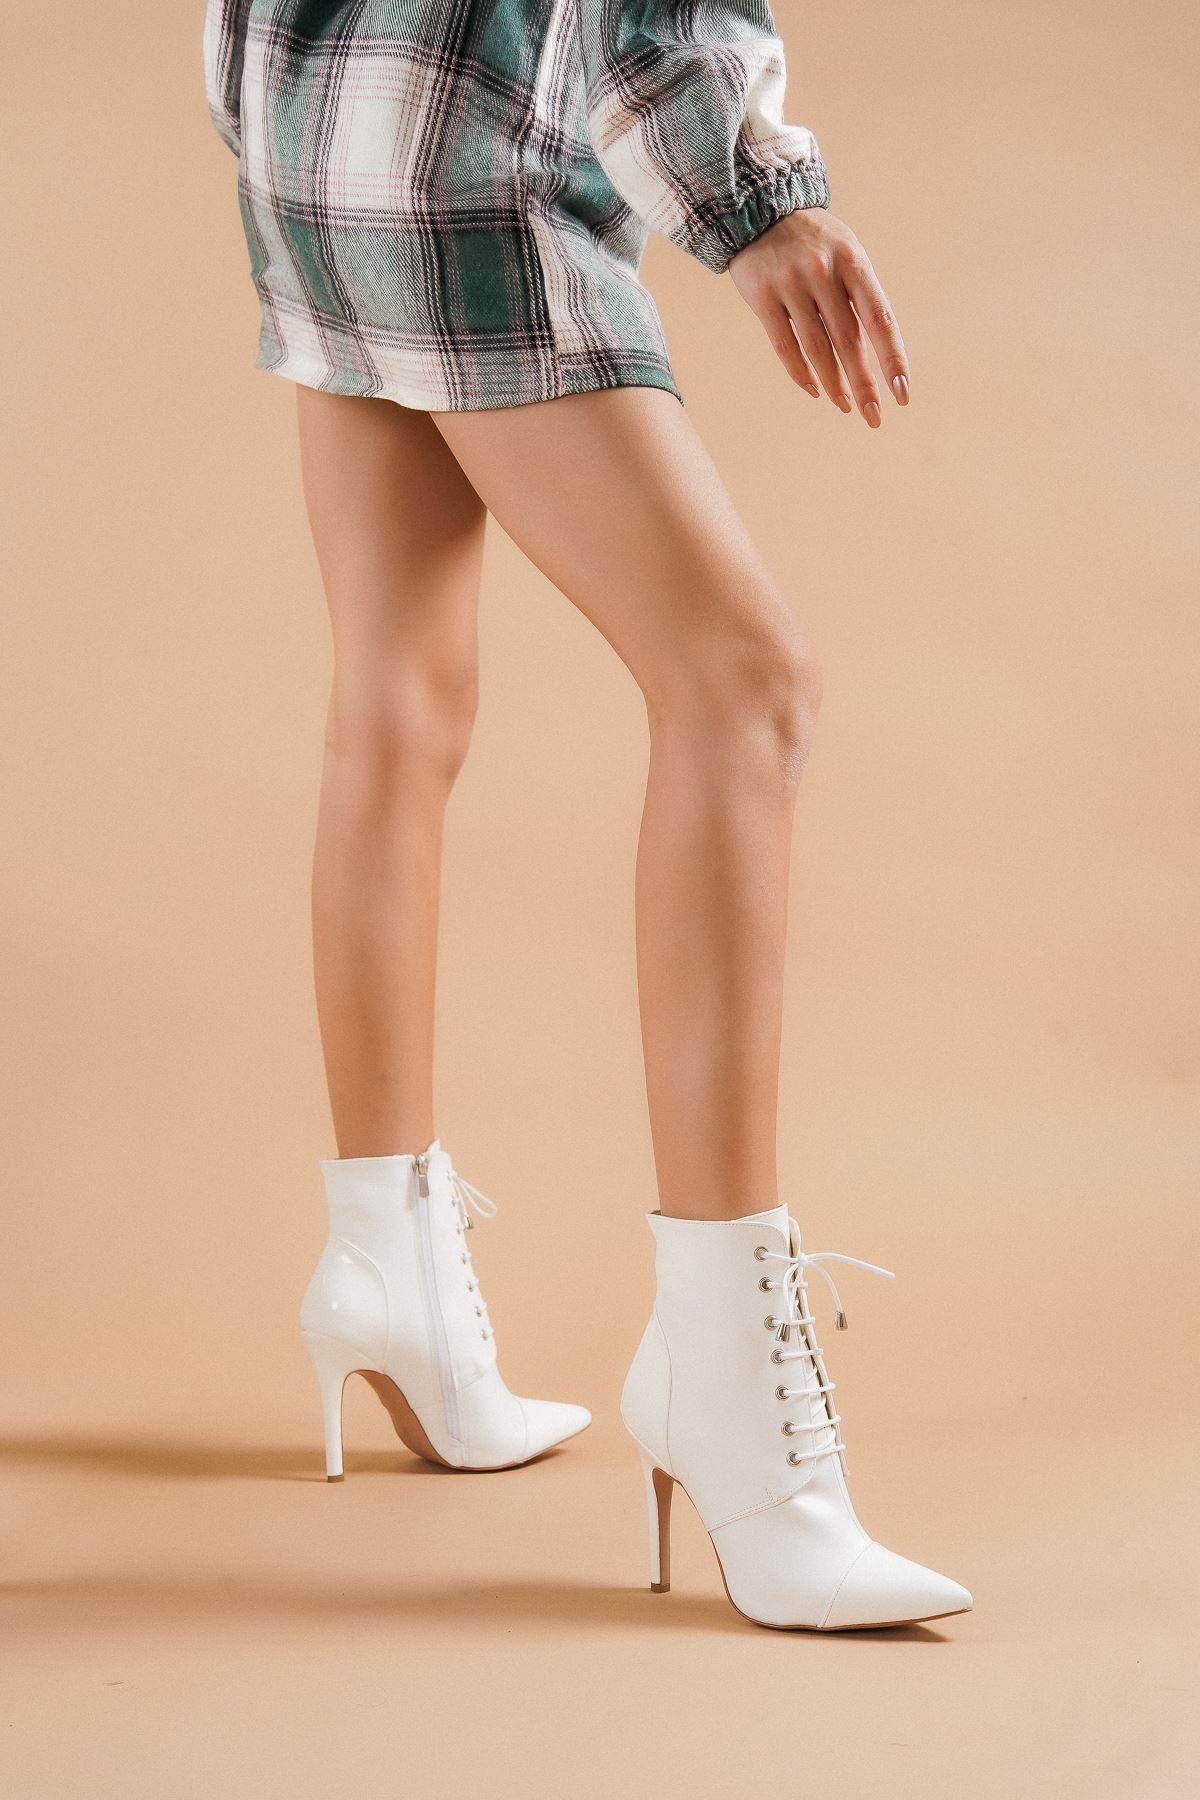 Carla Beyaz Cilt Beyaz Rugan Topuklu Kadın Bot